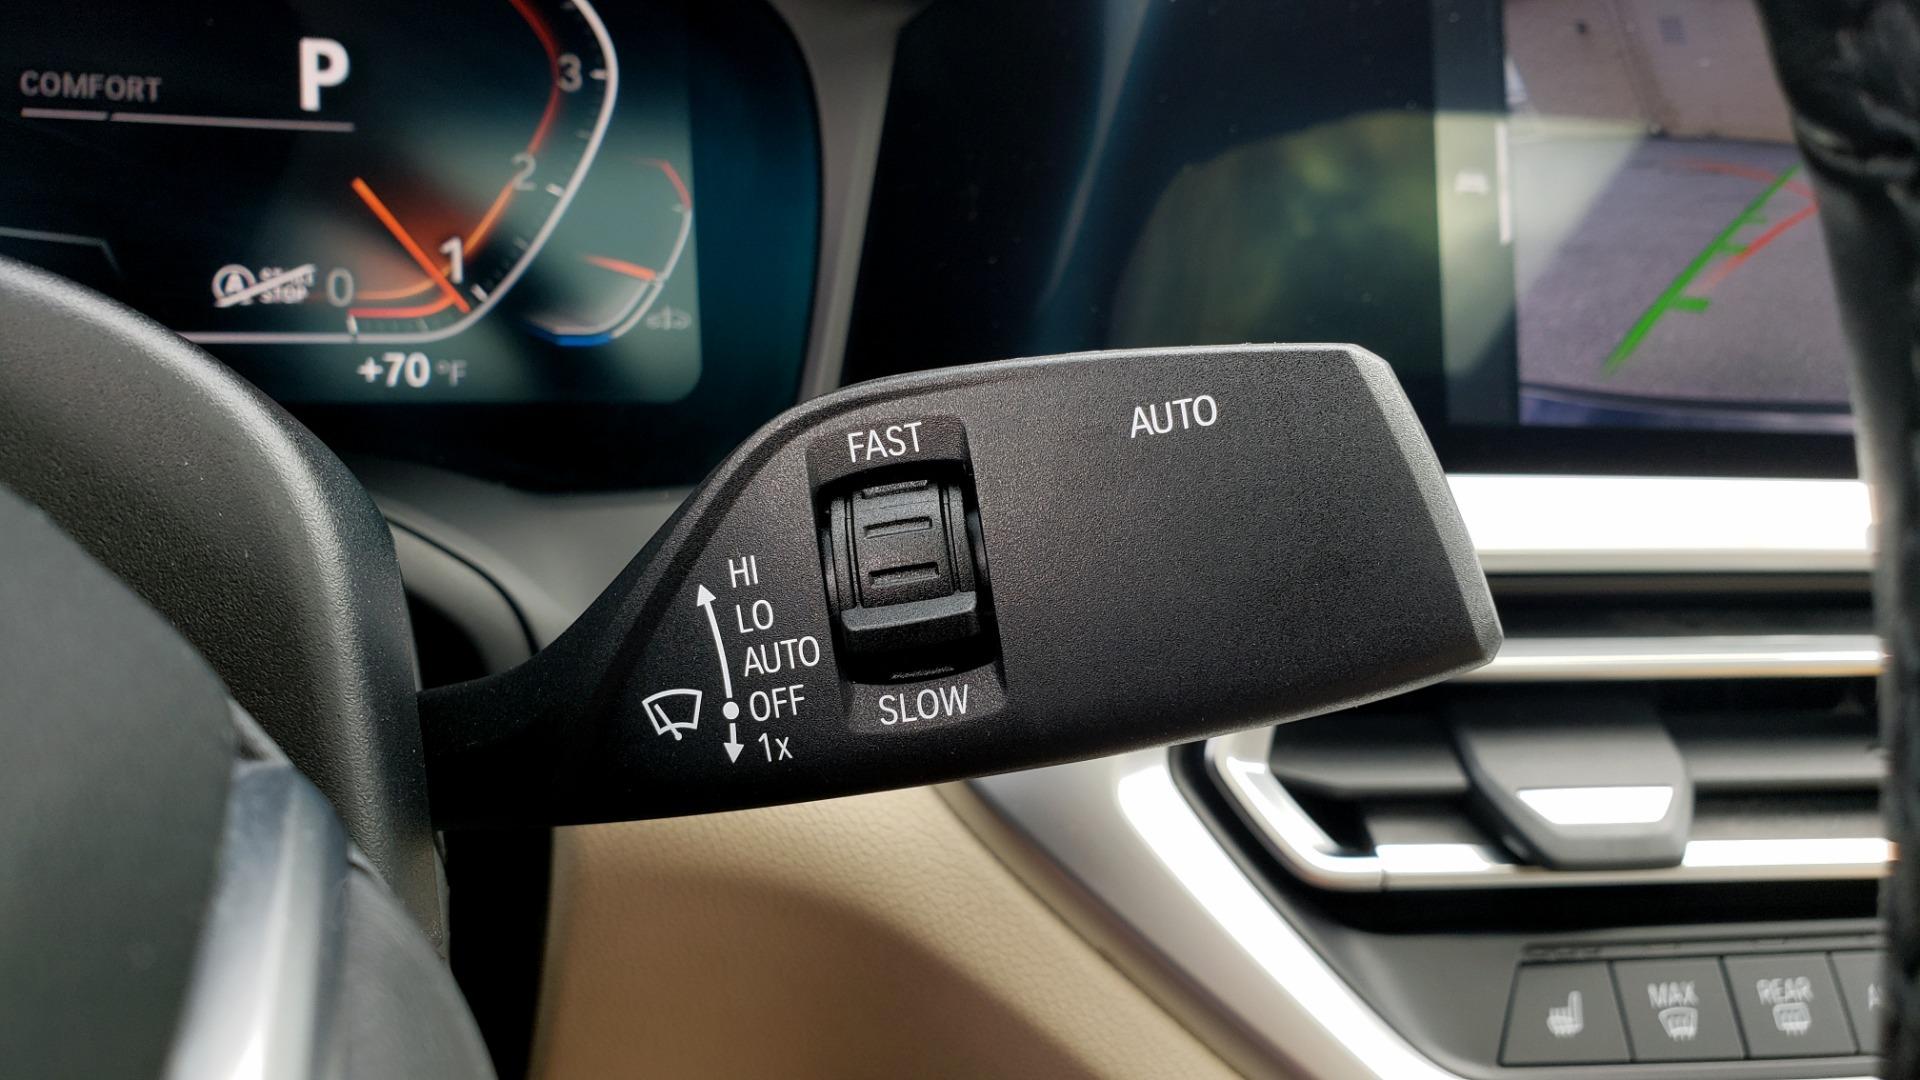 Used 2019 BMW 3 SERIES 330I PREM PKG / NAV / CONV PKG / H&K SND / LIVE COCKPIT PRO for sale Sold at Formula Imports in Charlotte NC 28227 43